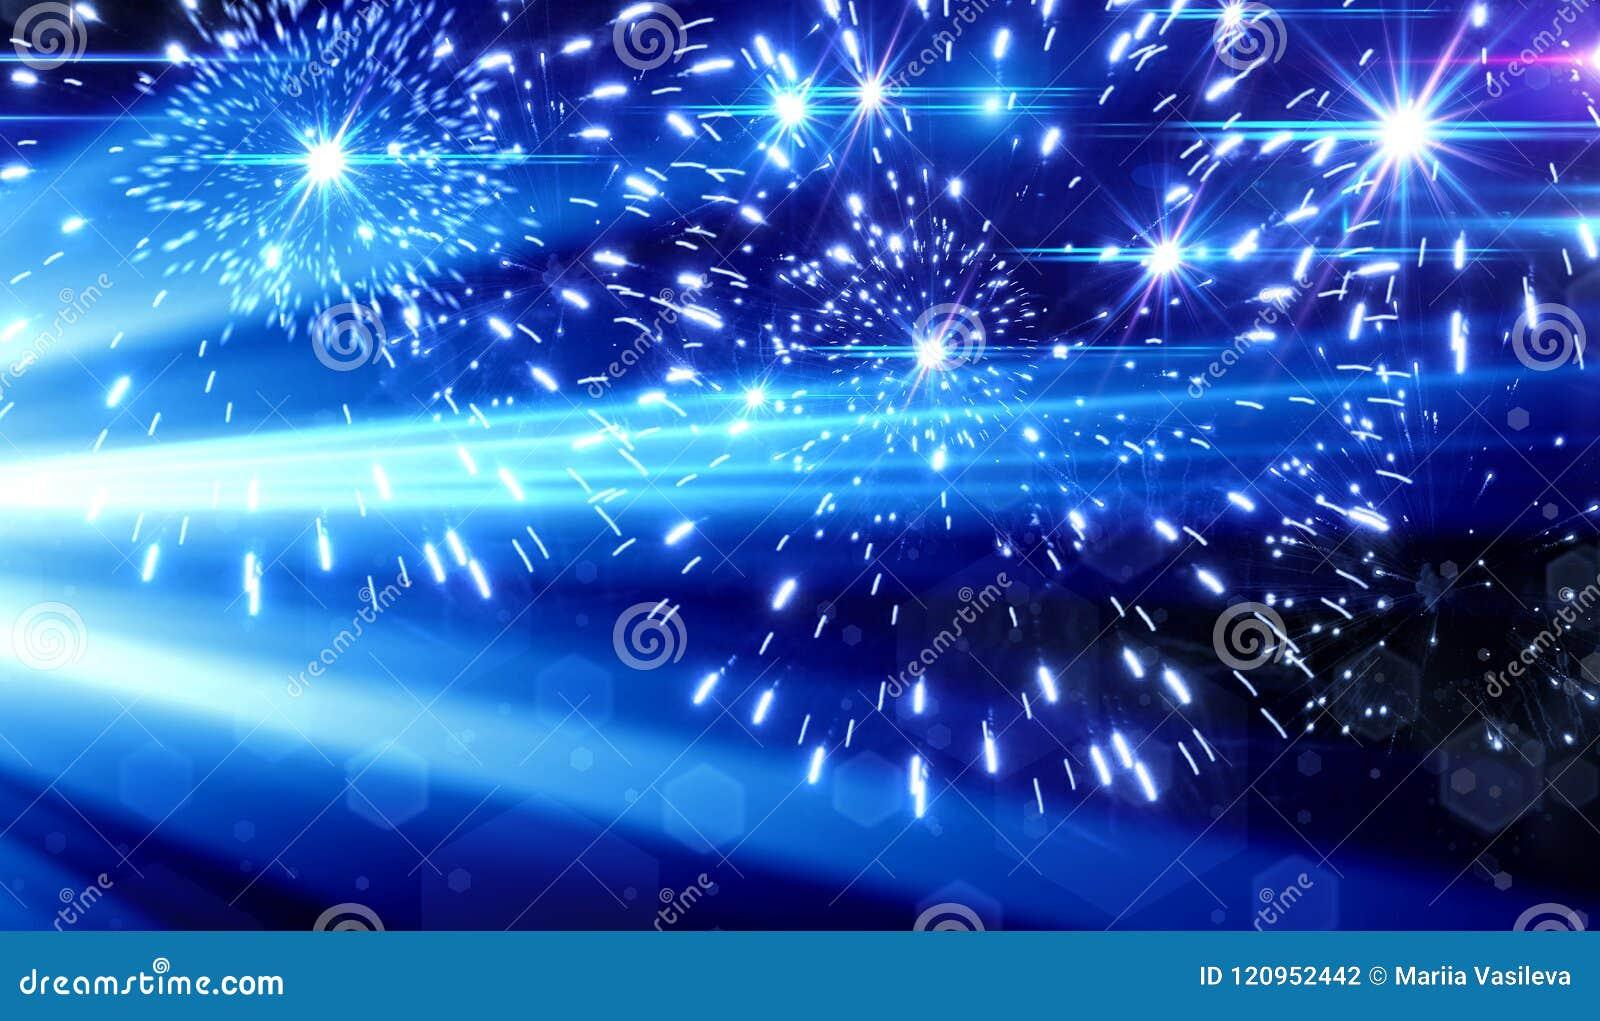 Efeito da luz azul no fundo preto, raios laser, luz instantânea,